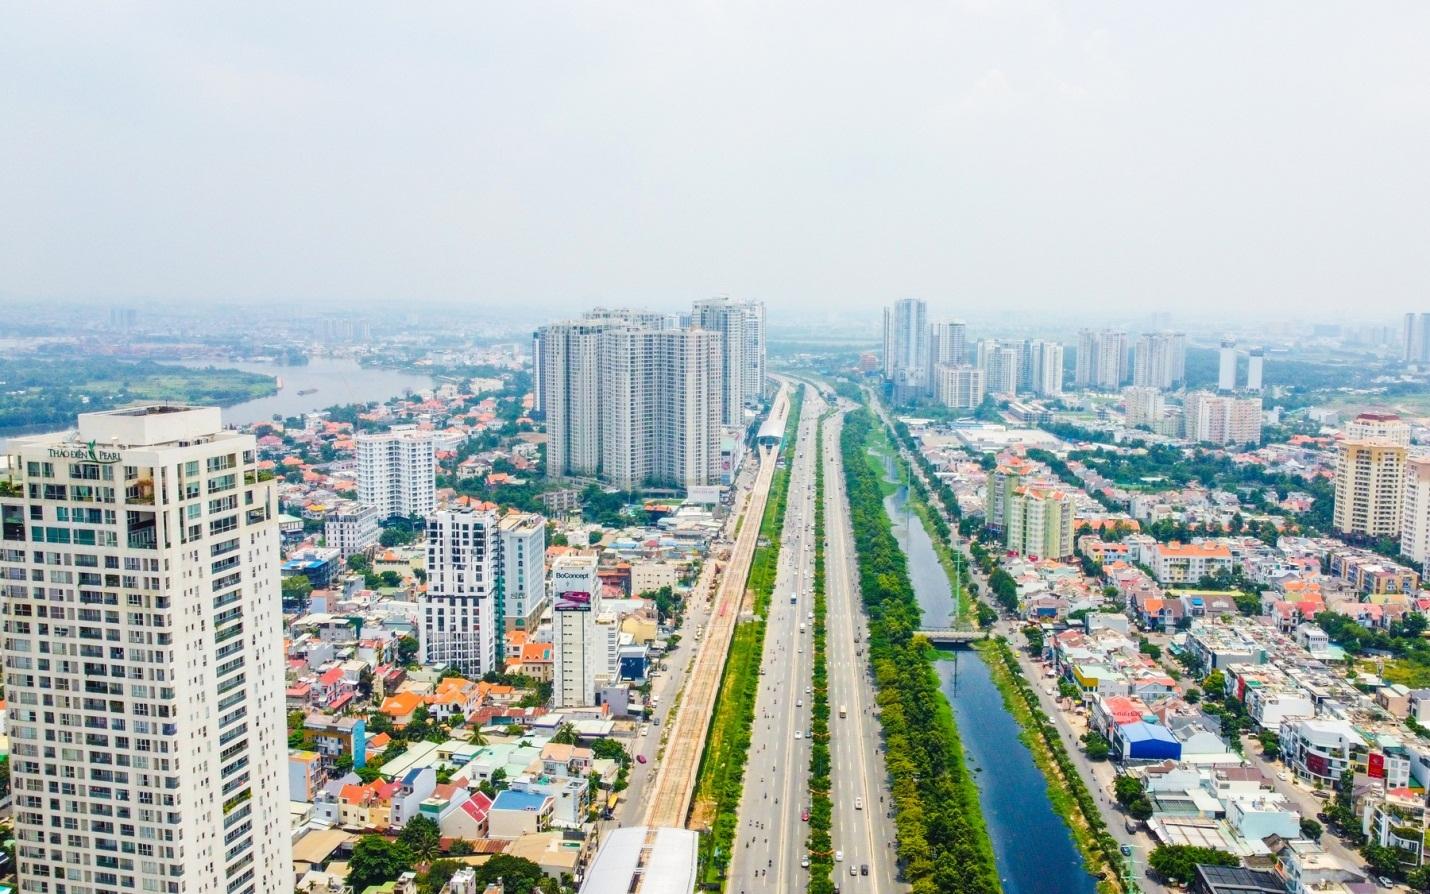 Bộ Xây dựng công bố thông tin về nhà ở và thị trường bất động sản Quý II/2021